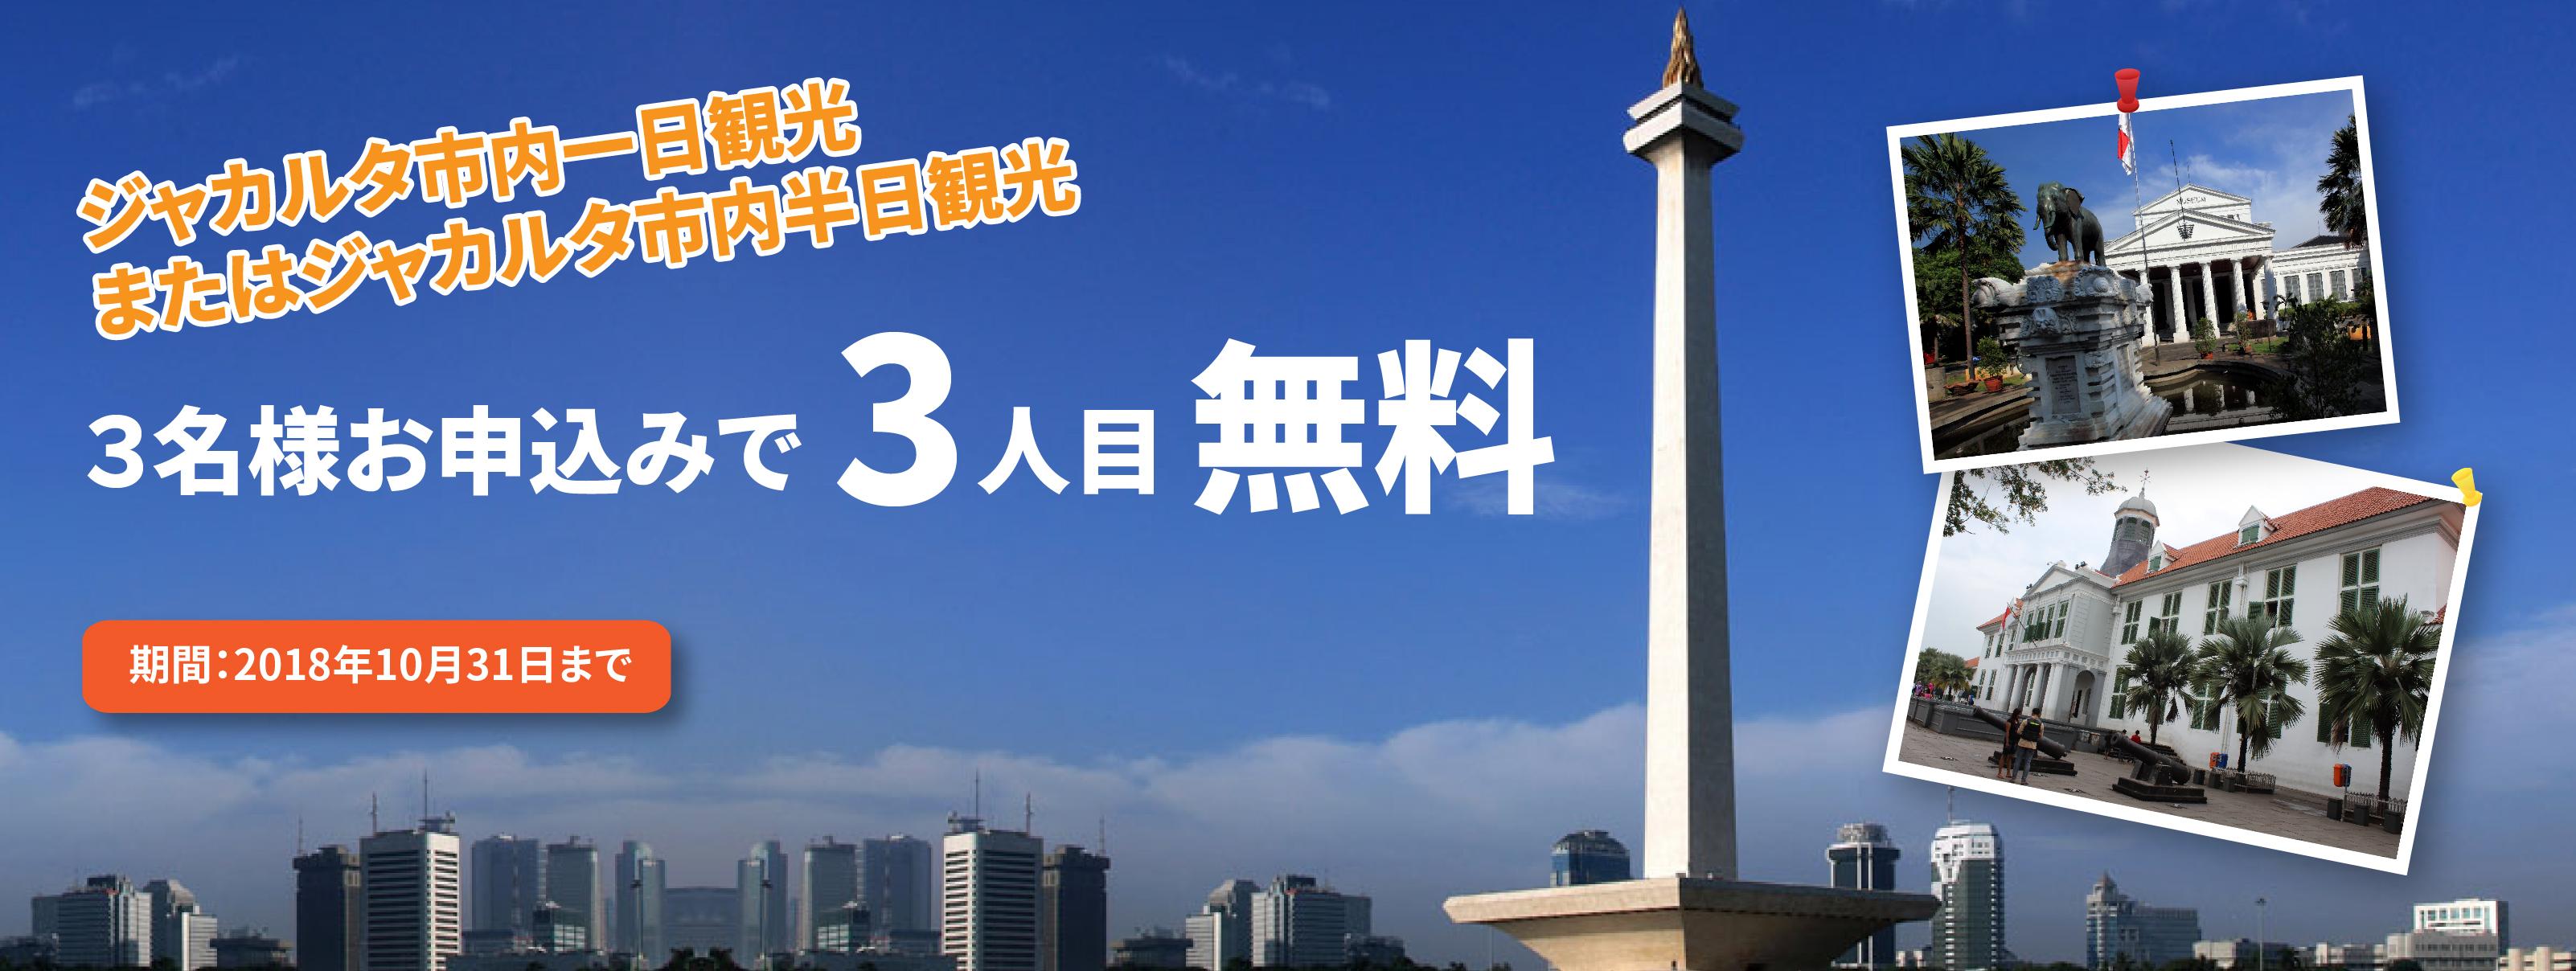 【ジャカルタ・プロモーション情報】ジャカルタ市内一日観光または半日観光 大人3名様お申込みで3人目無料キャンペーン!!